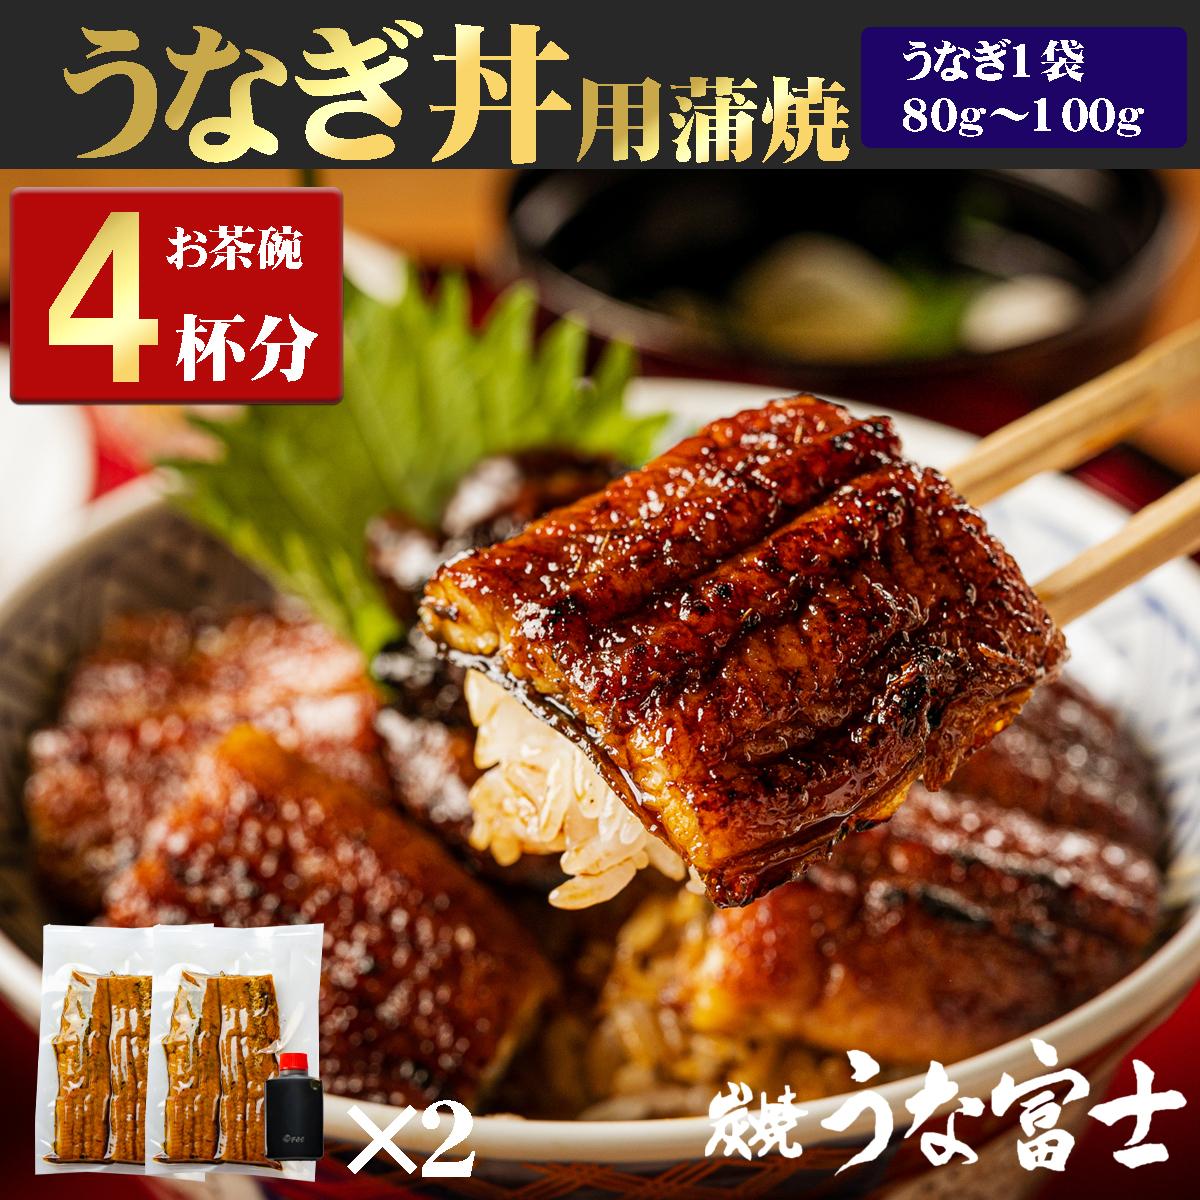 【炭焼うな富士】国産うなぎ丼 お茶碗4杯分